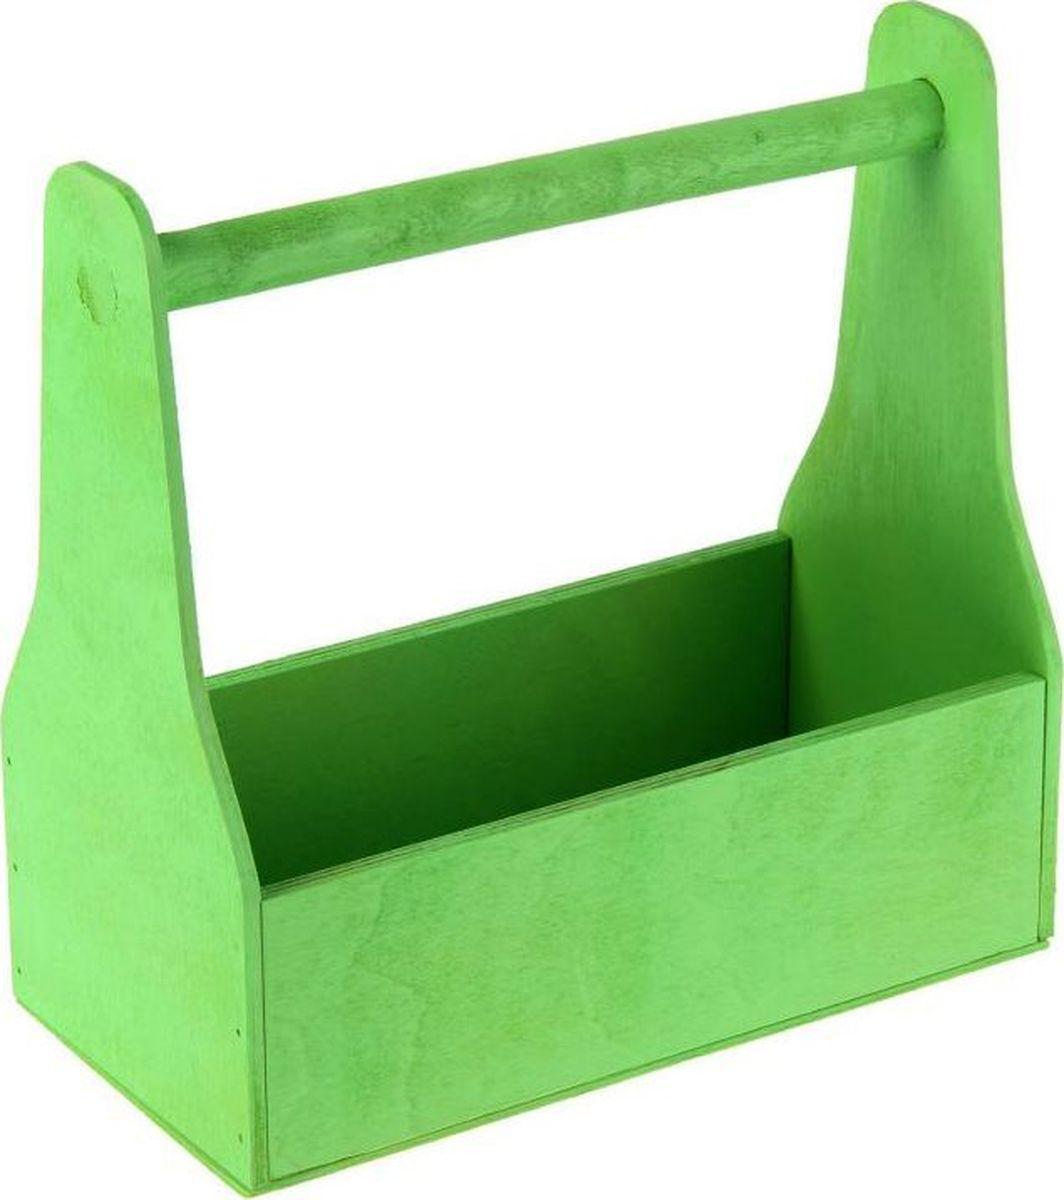 Кашпо флористическое, цвет: зеленый, 11 х 24 х 20 см